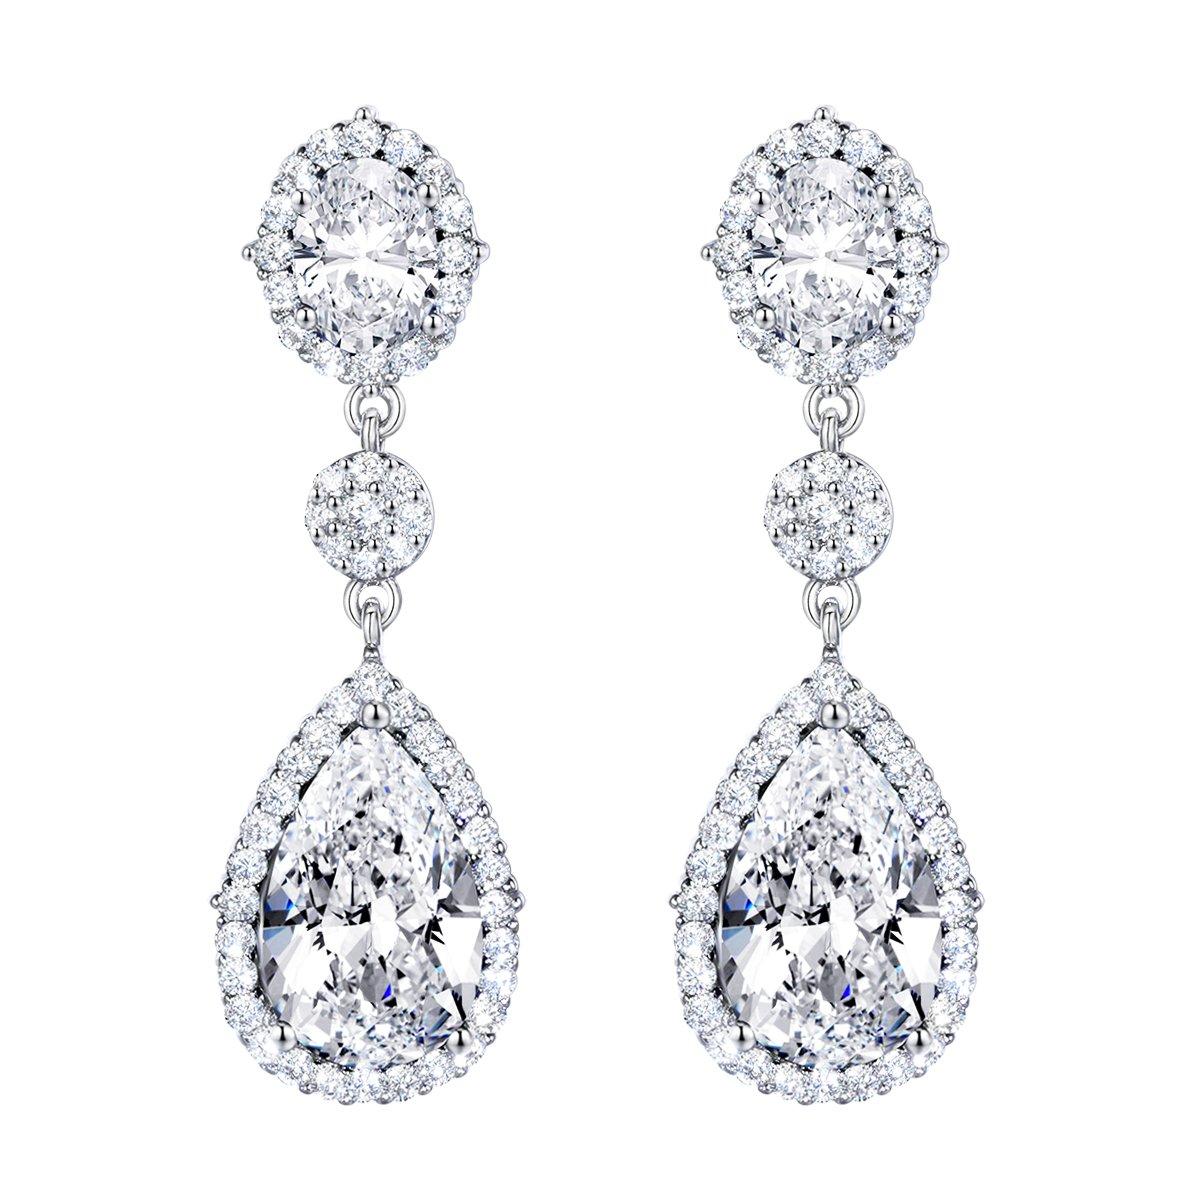 SELOVO Women's Teardrop Dangle Earrings Silver Tone Wedding Bridal Earrings